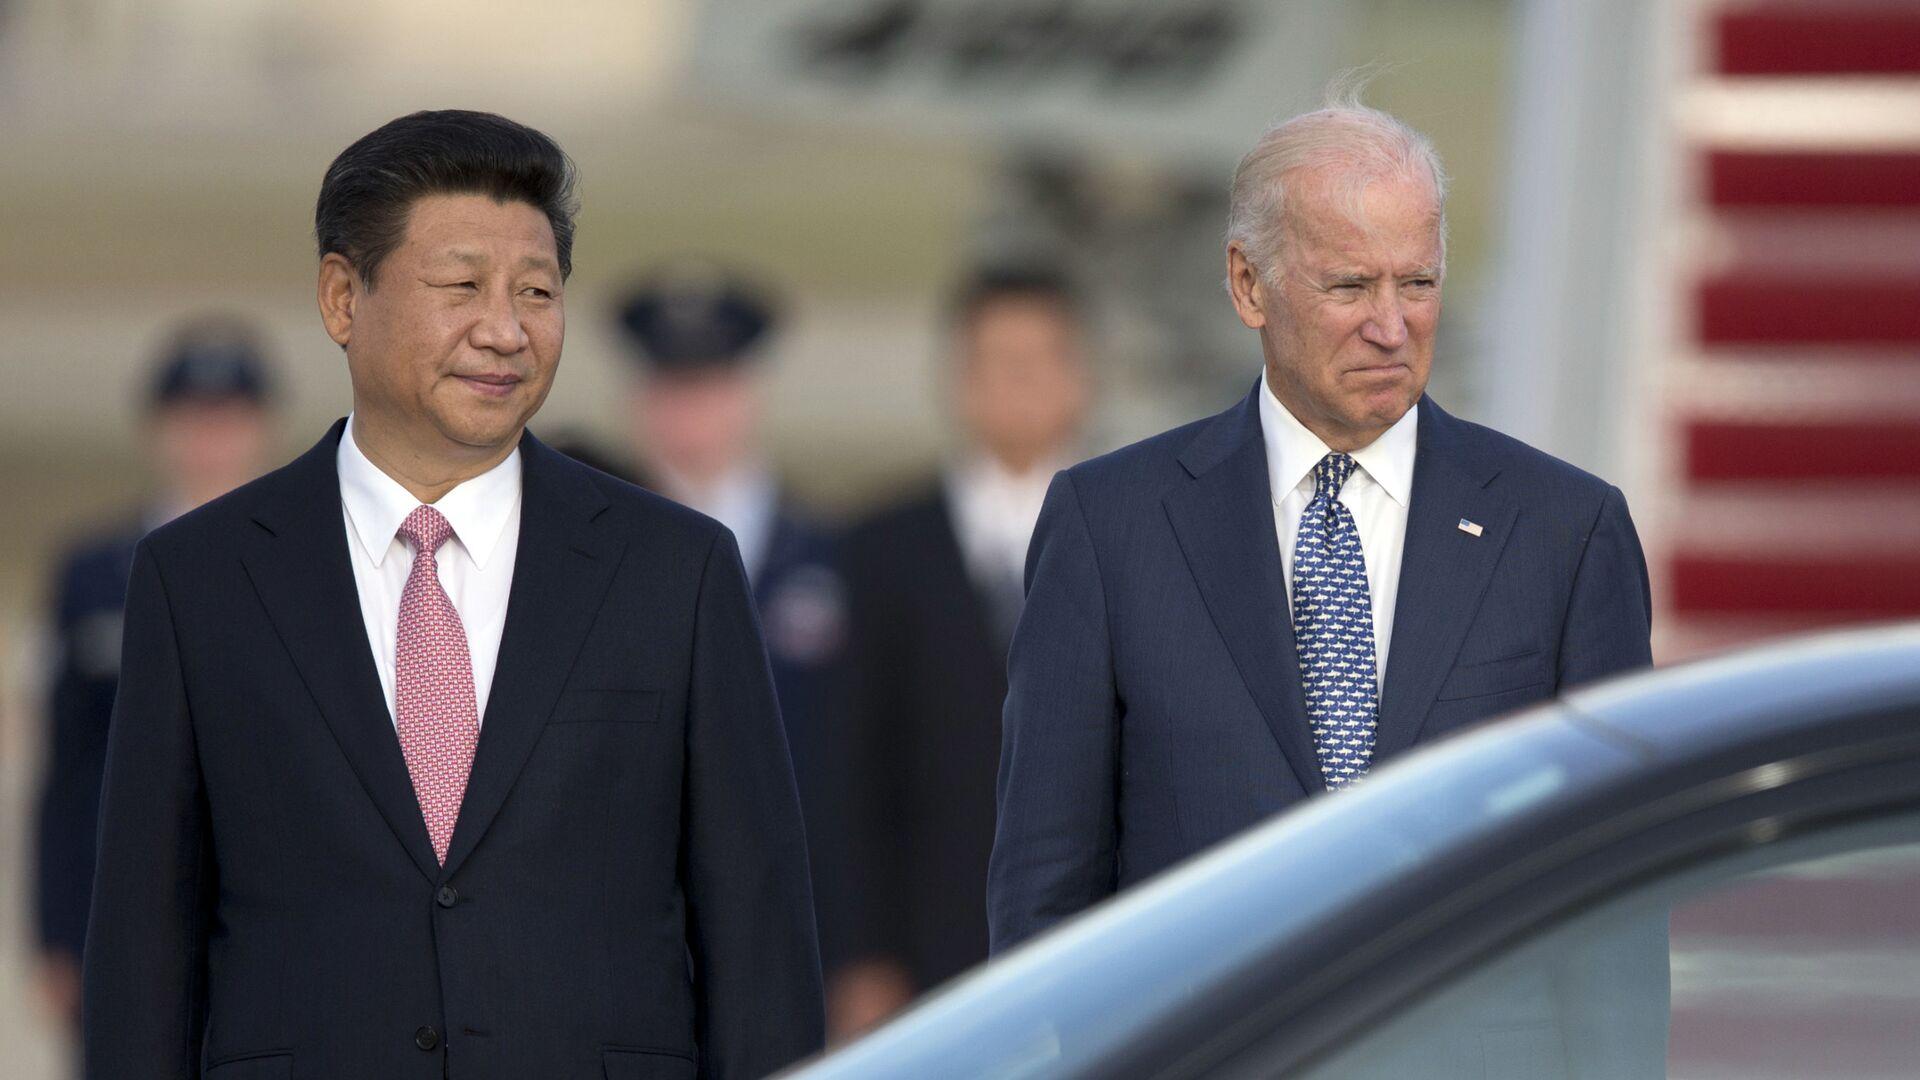 Chủ tịch nước Cộng hòa Nhân dân Trung Hoa Tập Cận Bình và Phó Tổng thống Hoa Kỳ Joe Biden tại Washington, năm 2015. - Sputnik Việt Nam, 1920, 21.09.2021